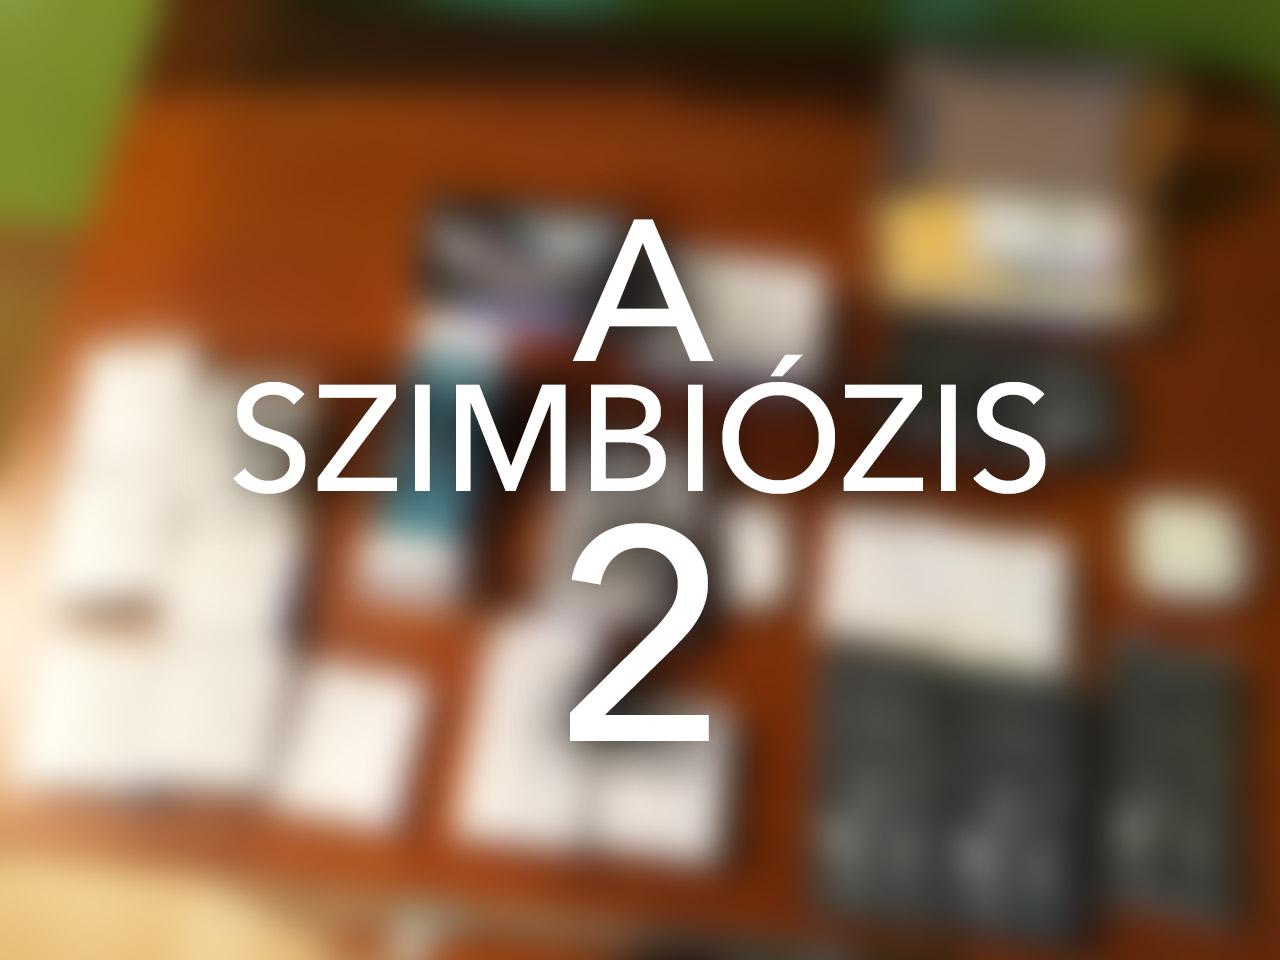 a-szimbiozis-2